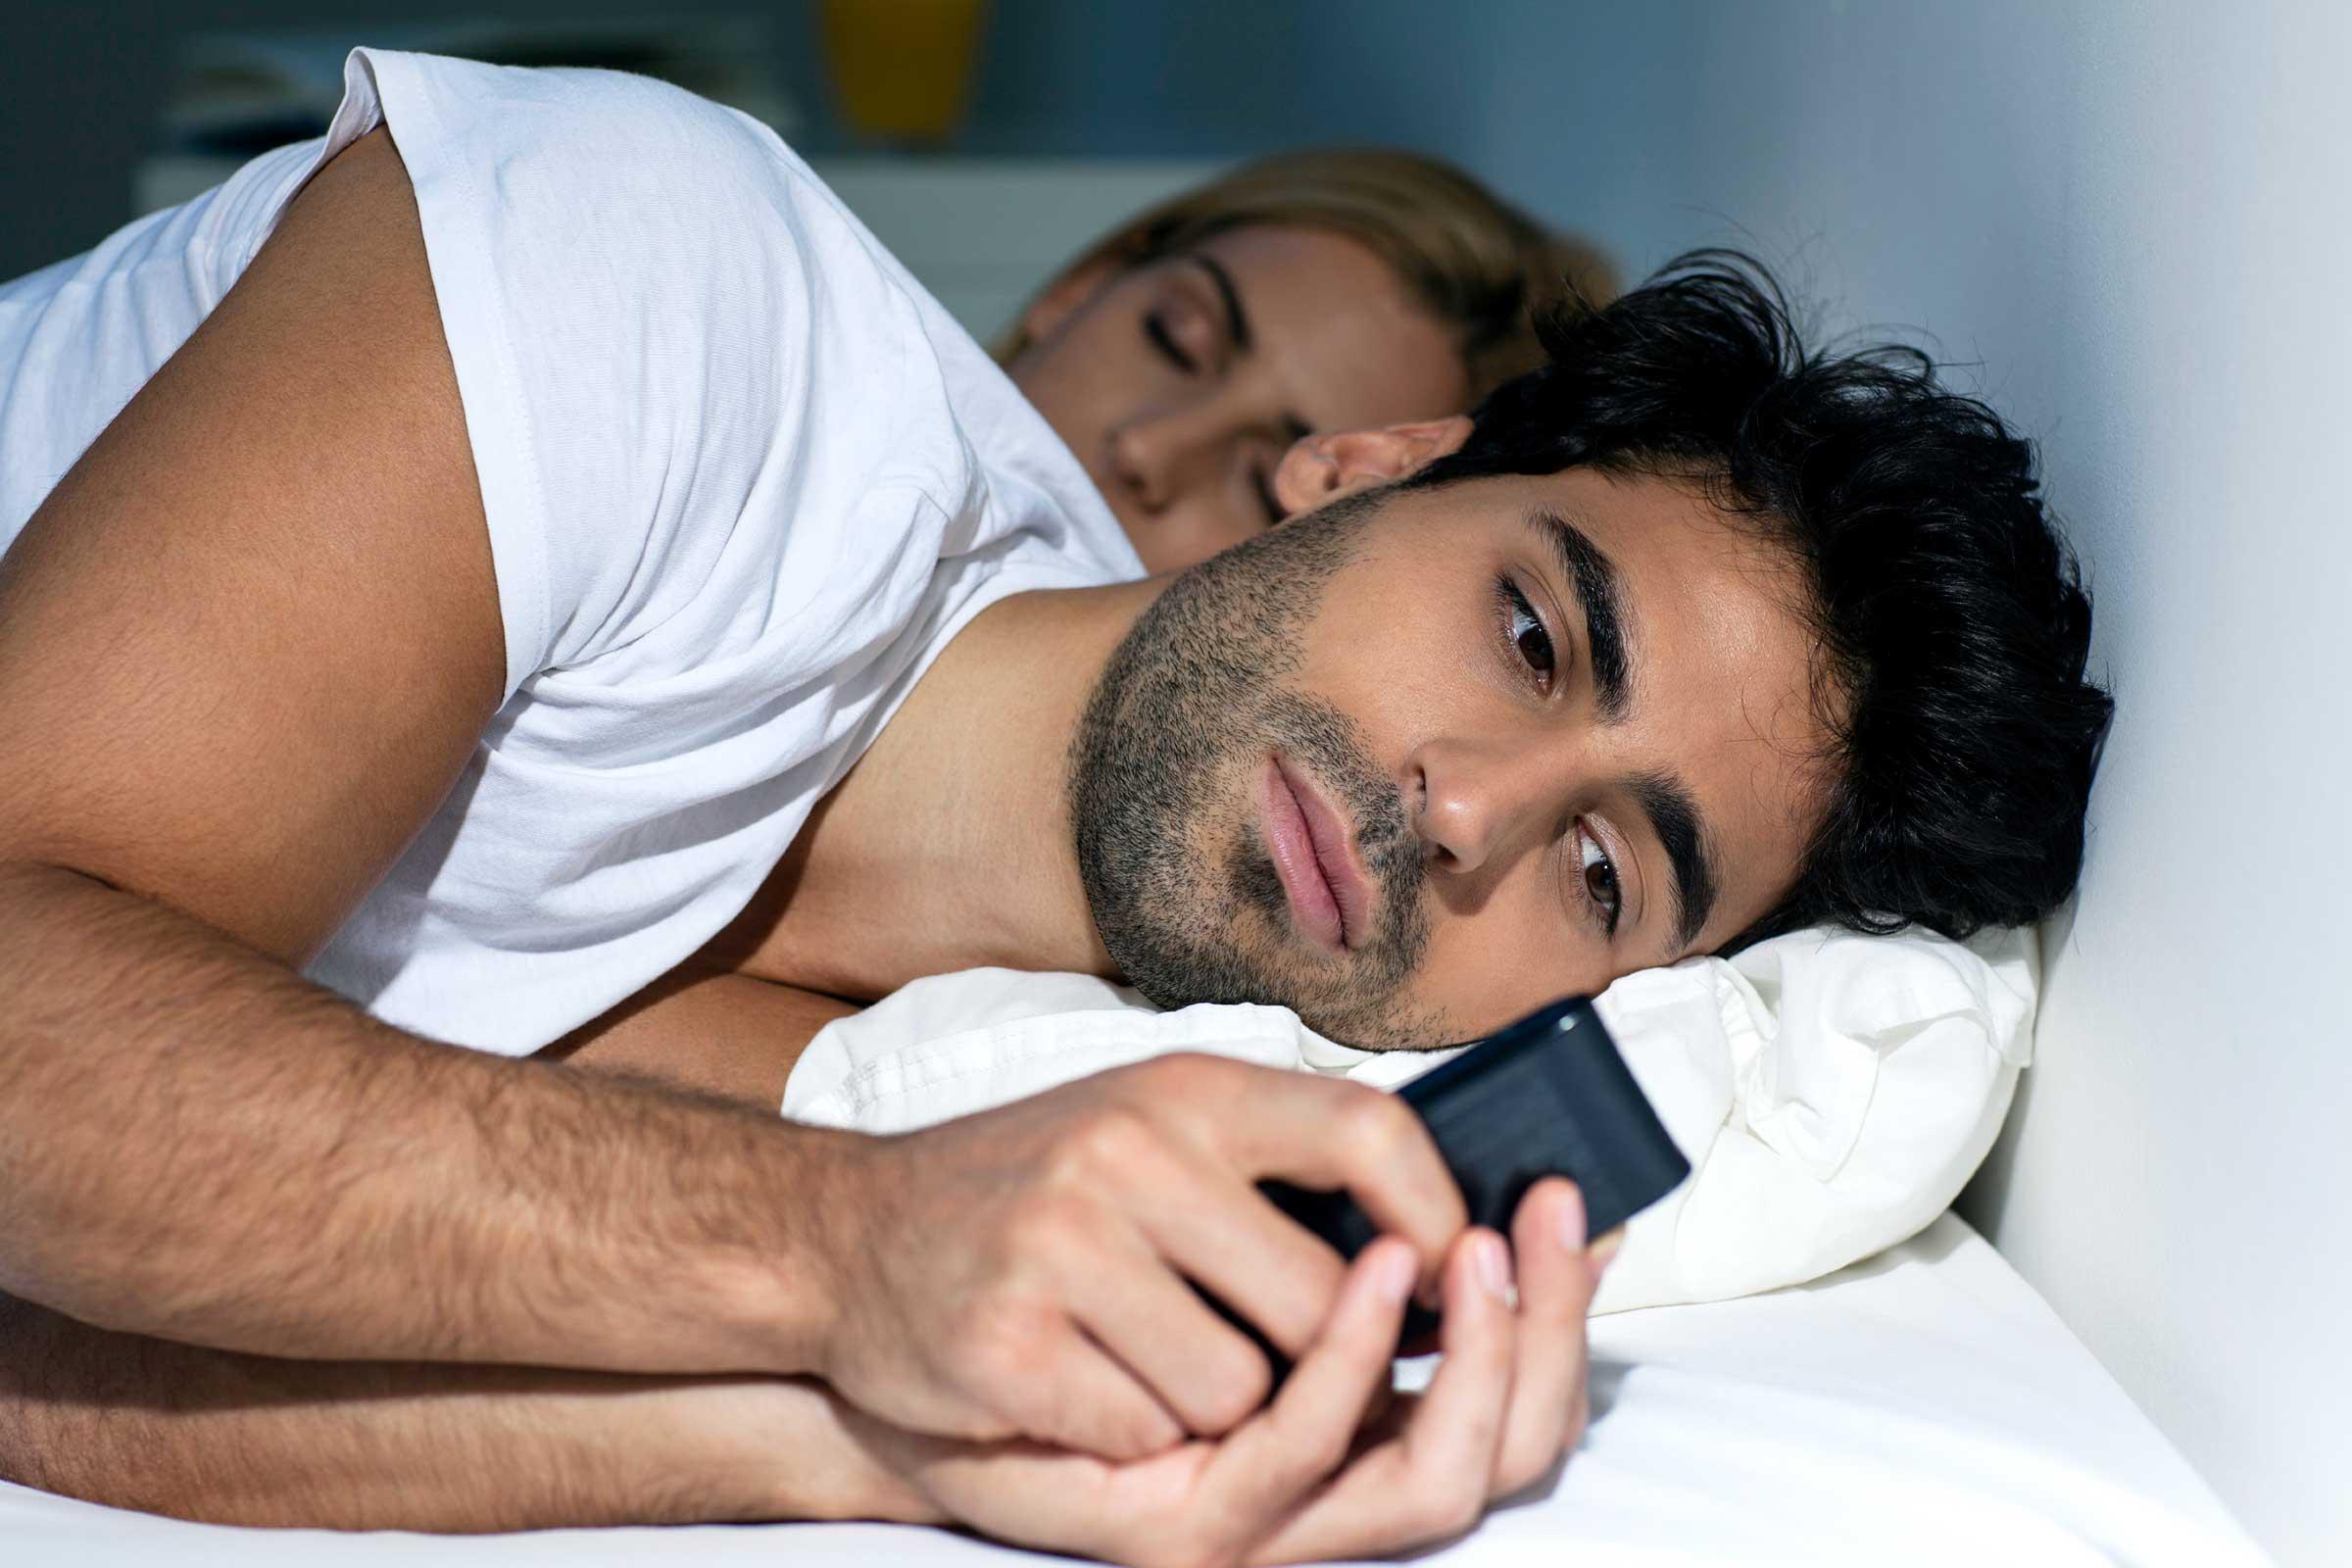 Microtraição redes sociais e relacionamento psicólogo em salvador terapia de casal elidio almeida